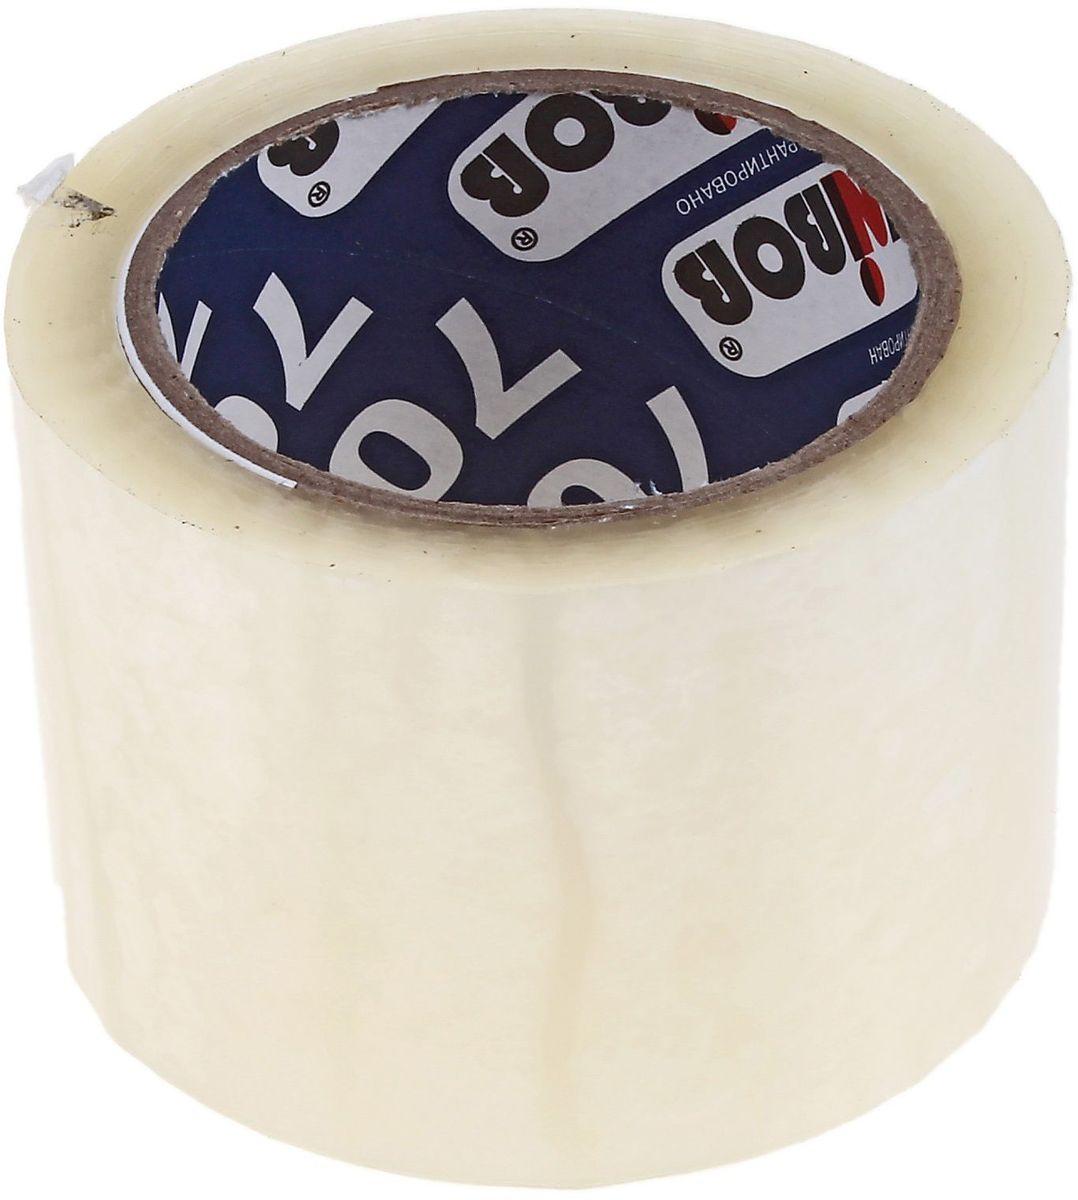 Клейкая лента 72 мм х 66 м цвет прозрачный 69194111067Клейкая лента на полипропиленовой основе это водонепроницаемое изделие, которое способно противостоять широкому диапазону температур. Применяется в быту для упаковки: легких и тяжелых коробок, изготовленных из гофрокартона, строительных смесей, масложировой продукции и мороженого, канцелярских товаров, промышленных товаров. Клейкая лента поможет скрепить предметы в любой ситуации, например, если вы делаете ремонт или меняете место жительства и пакуете коробки.